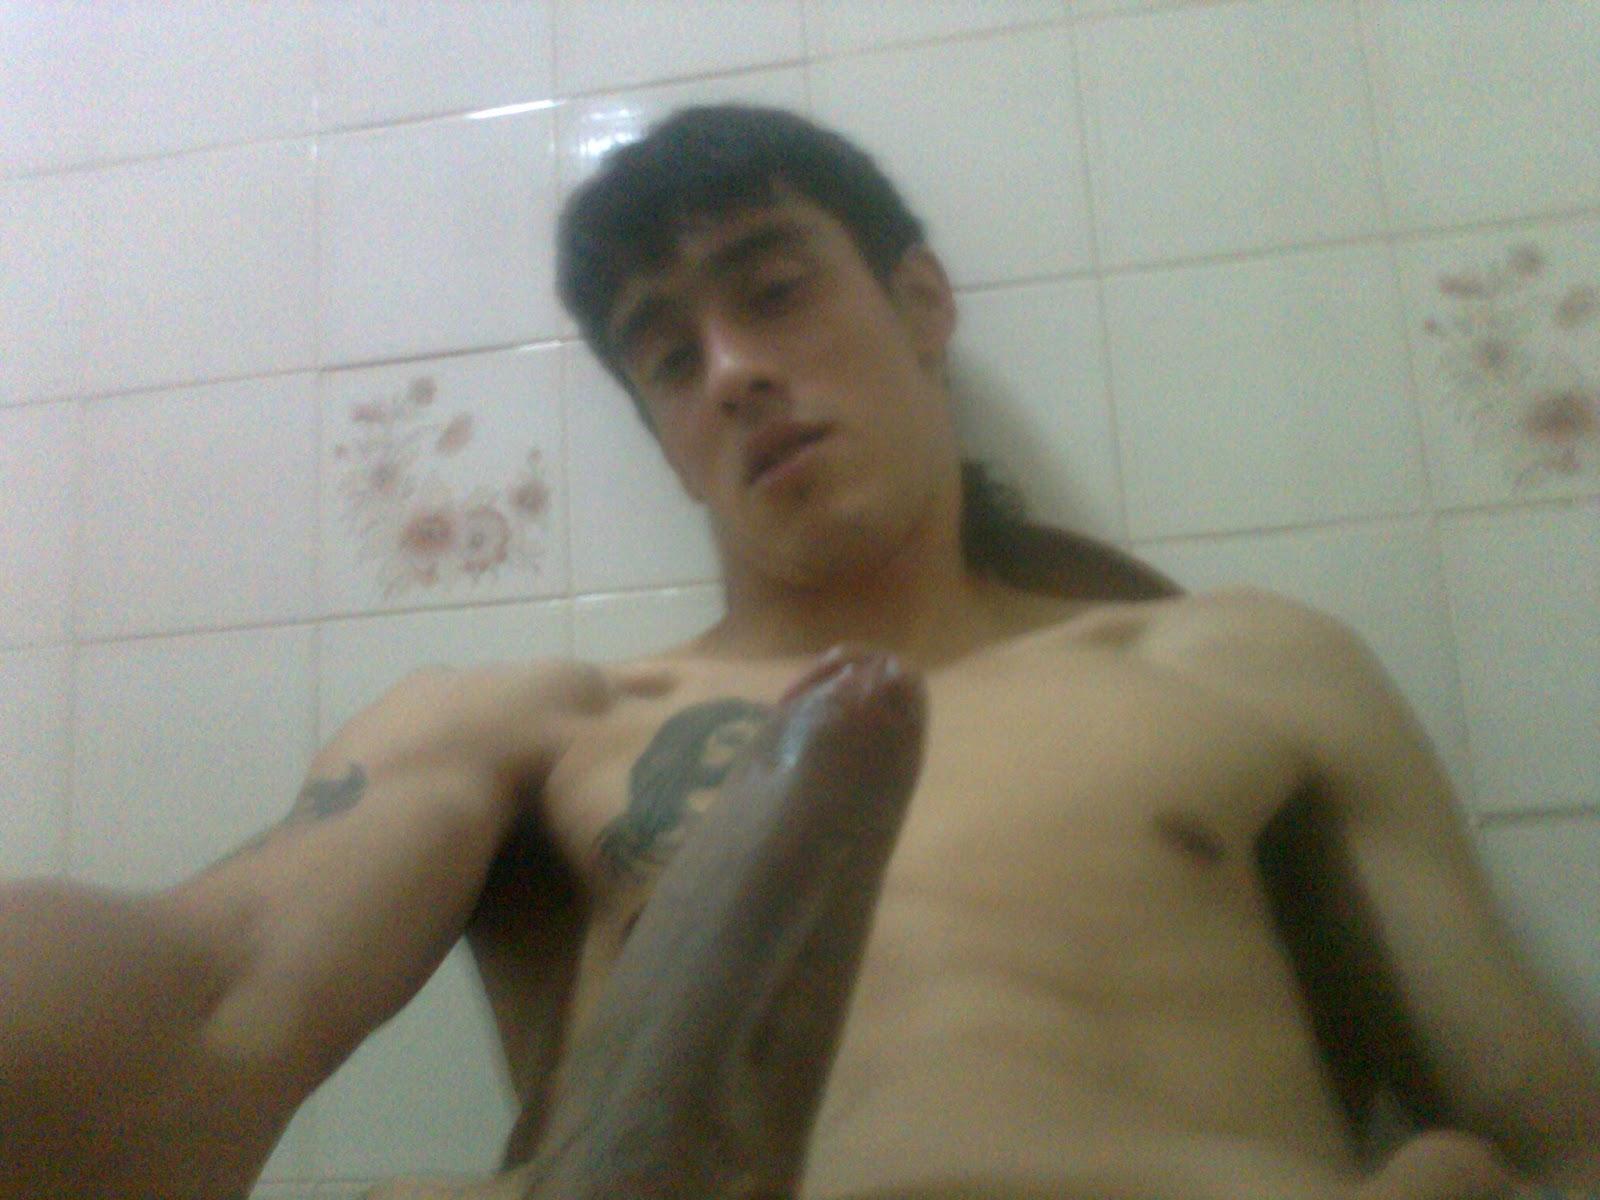 Legal joven desnudo 18